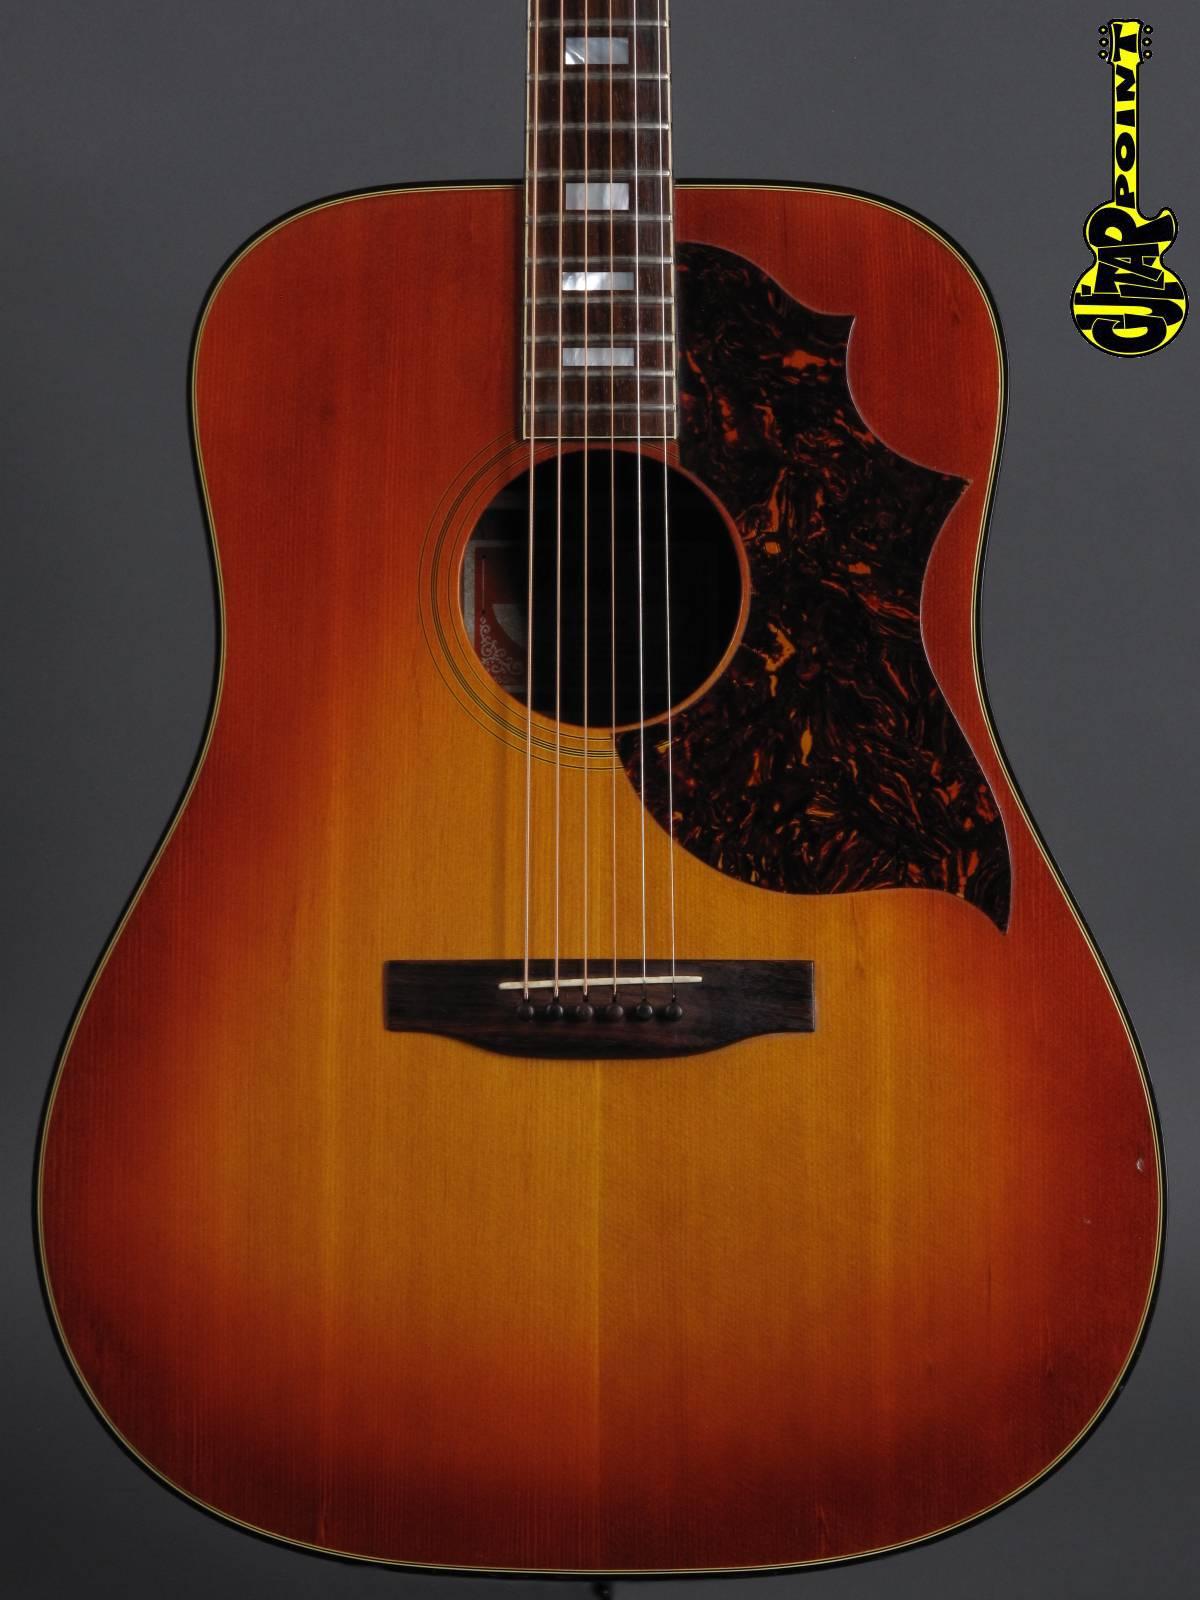 1974 Gibson SJ-Deluxe (Southern Jumbo) / Sunburst